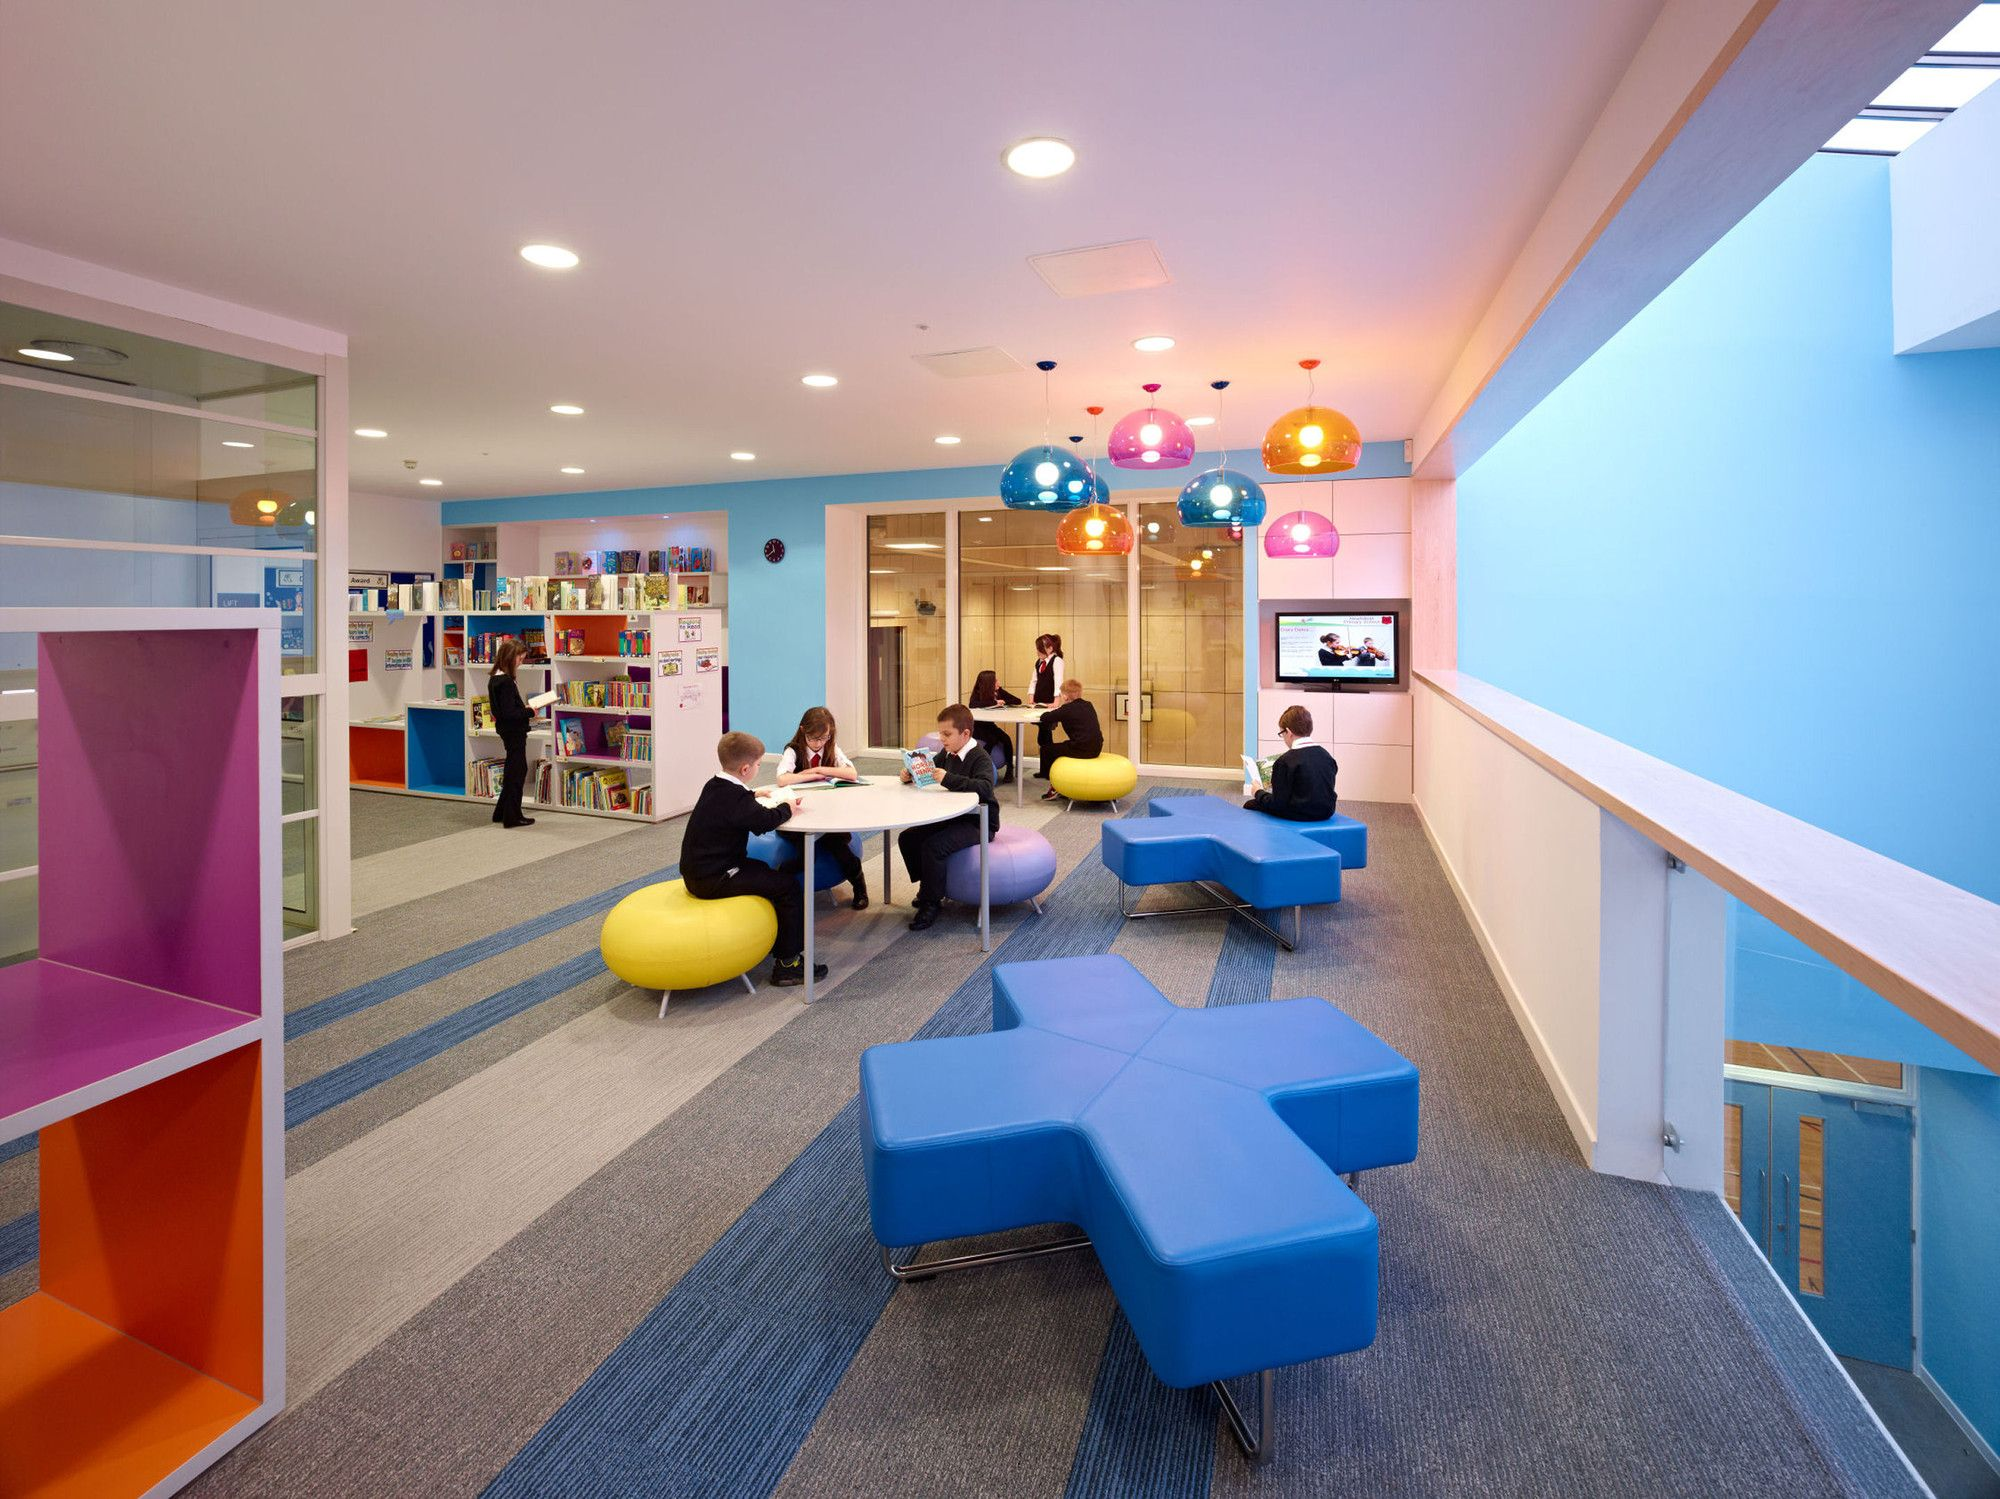 Design School Interior